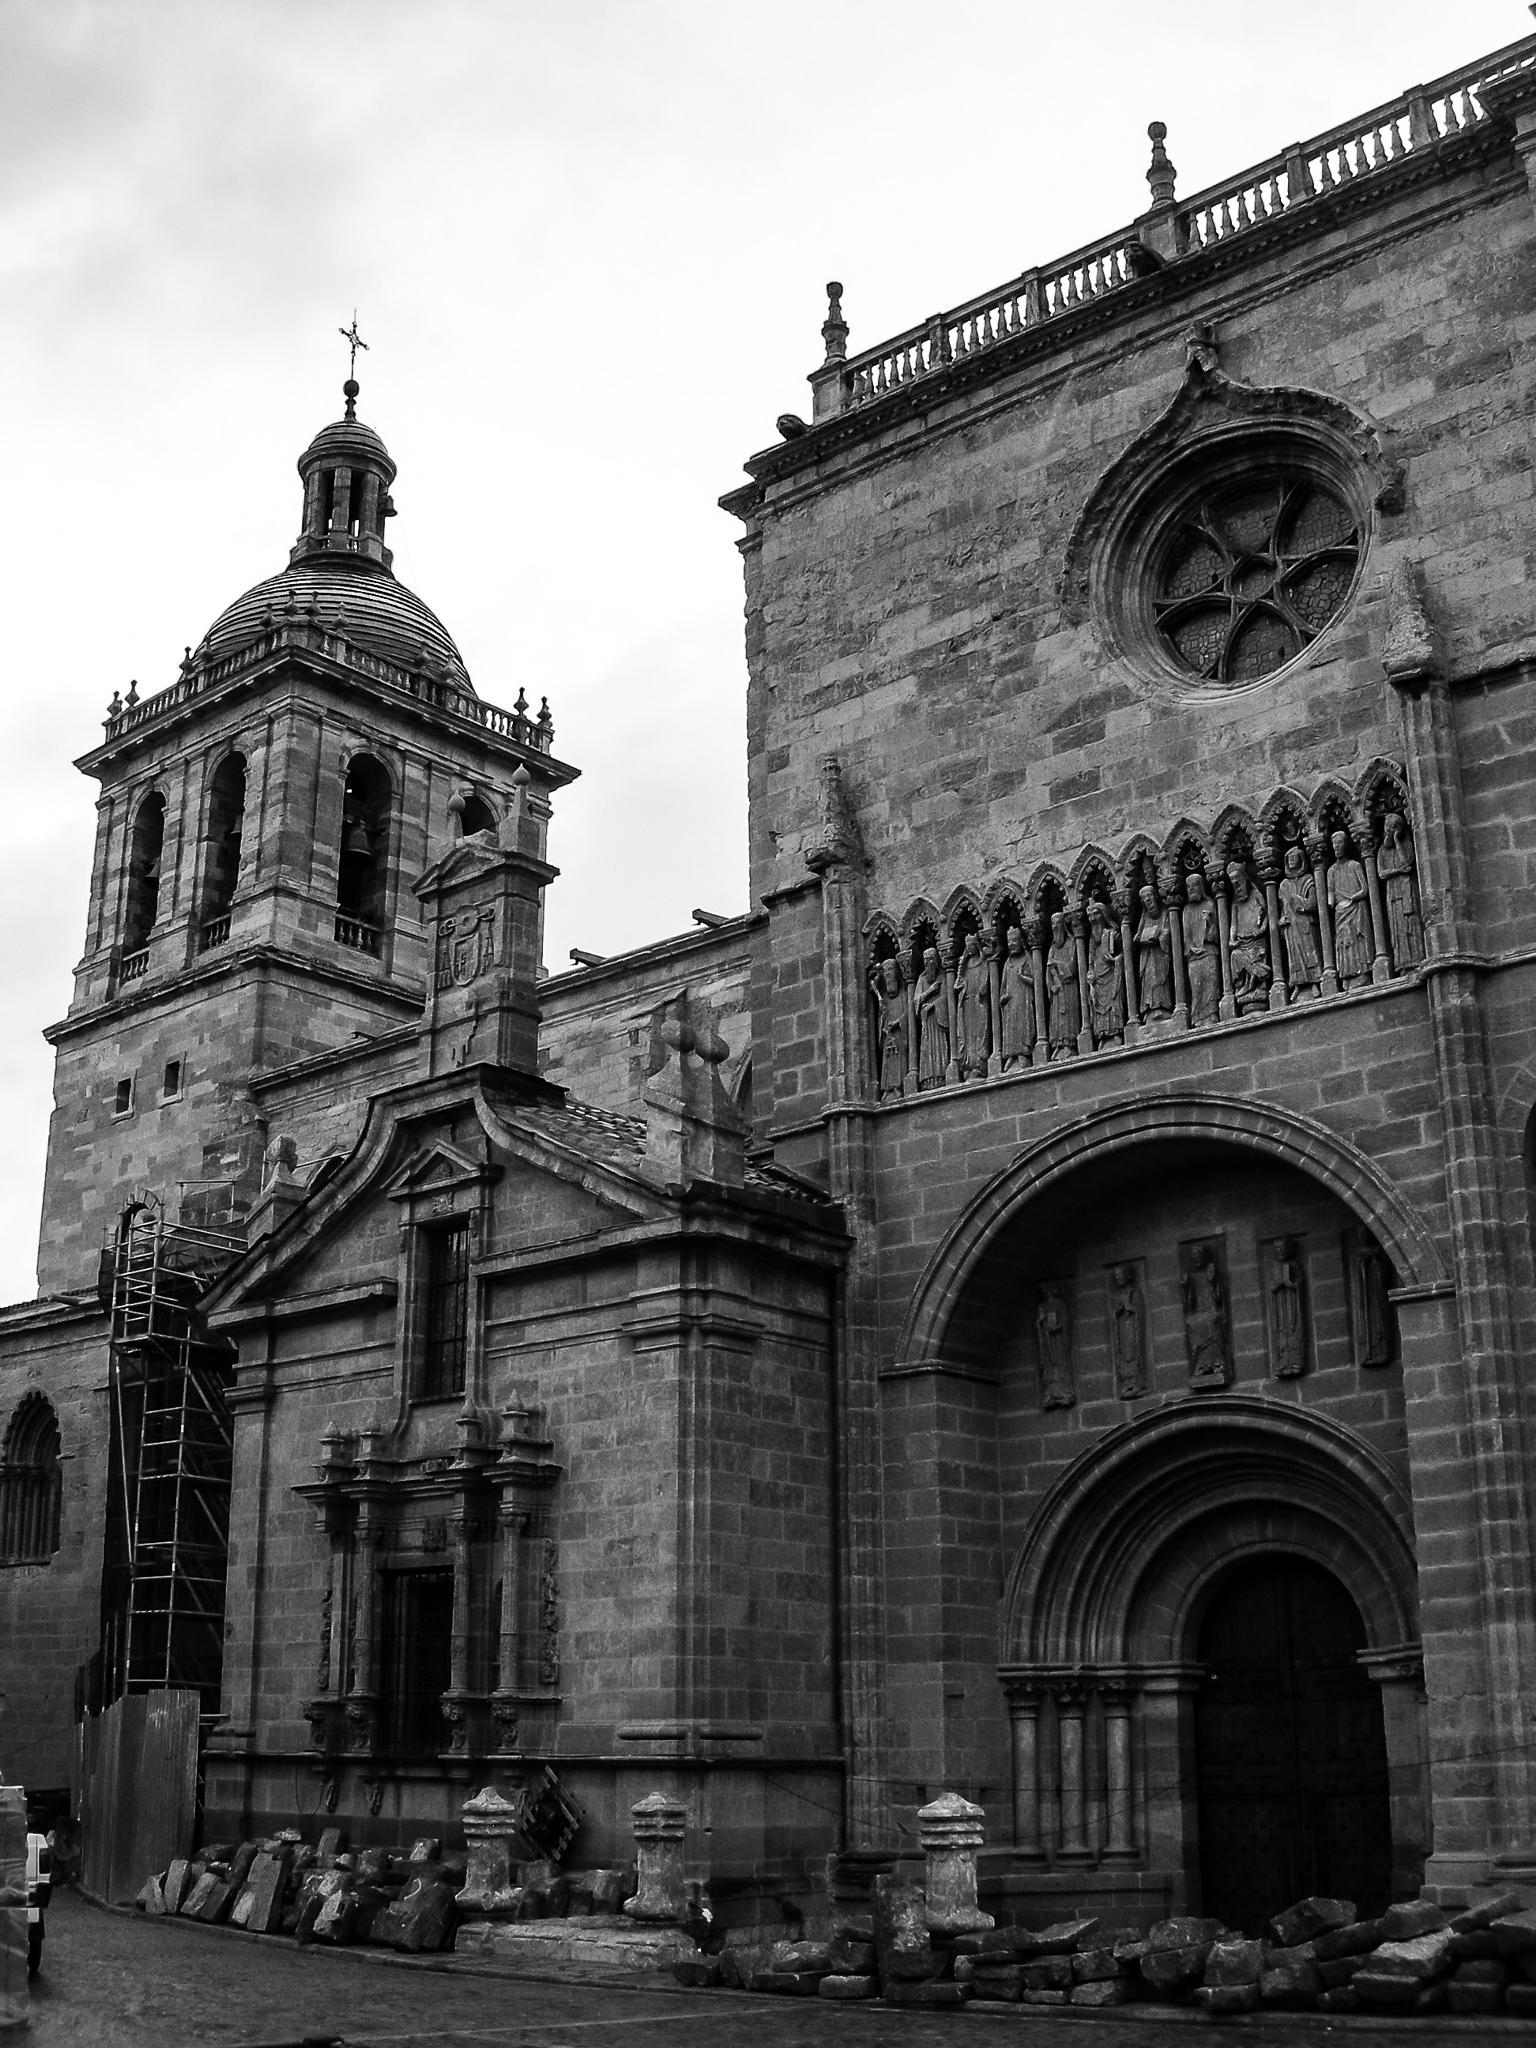 Catedral de Santa Maria (Ciudad Rodrigo - Spain) by Angel Alicarte Lopez